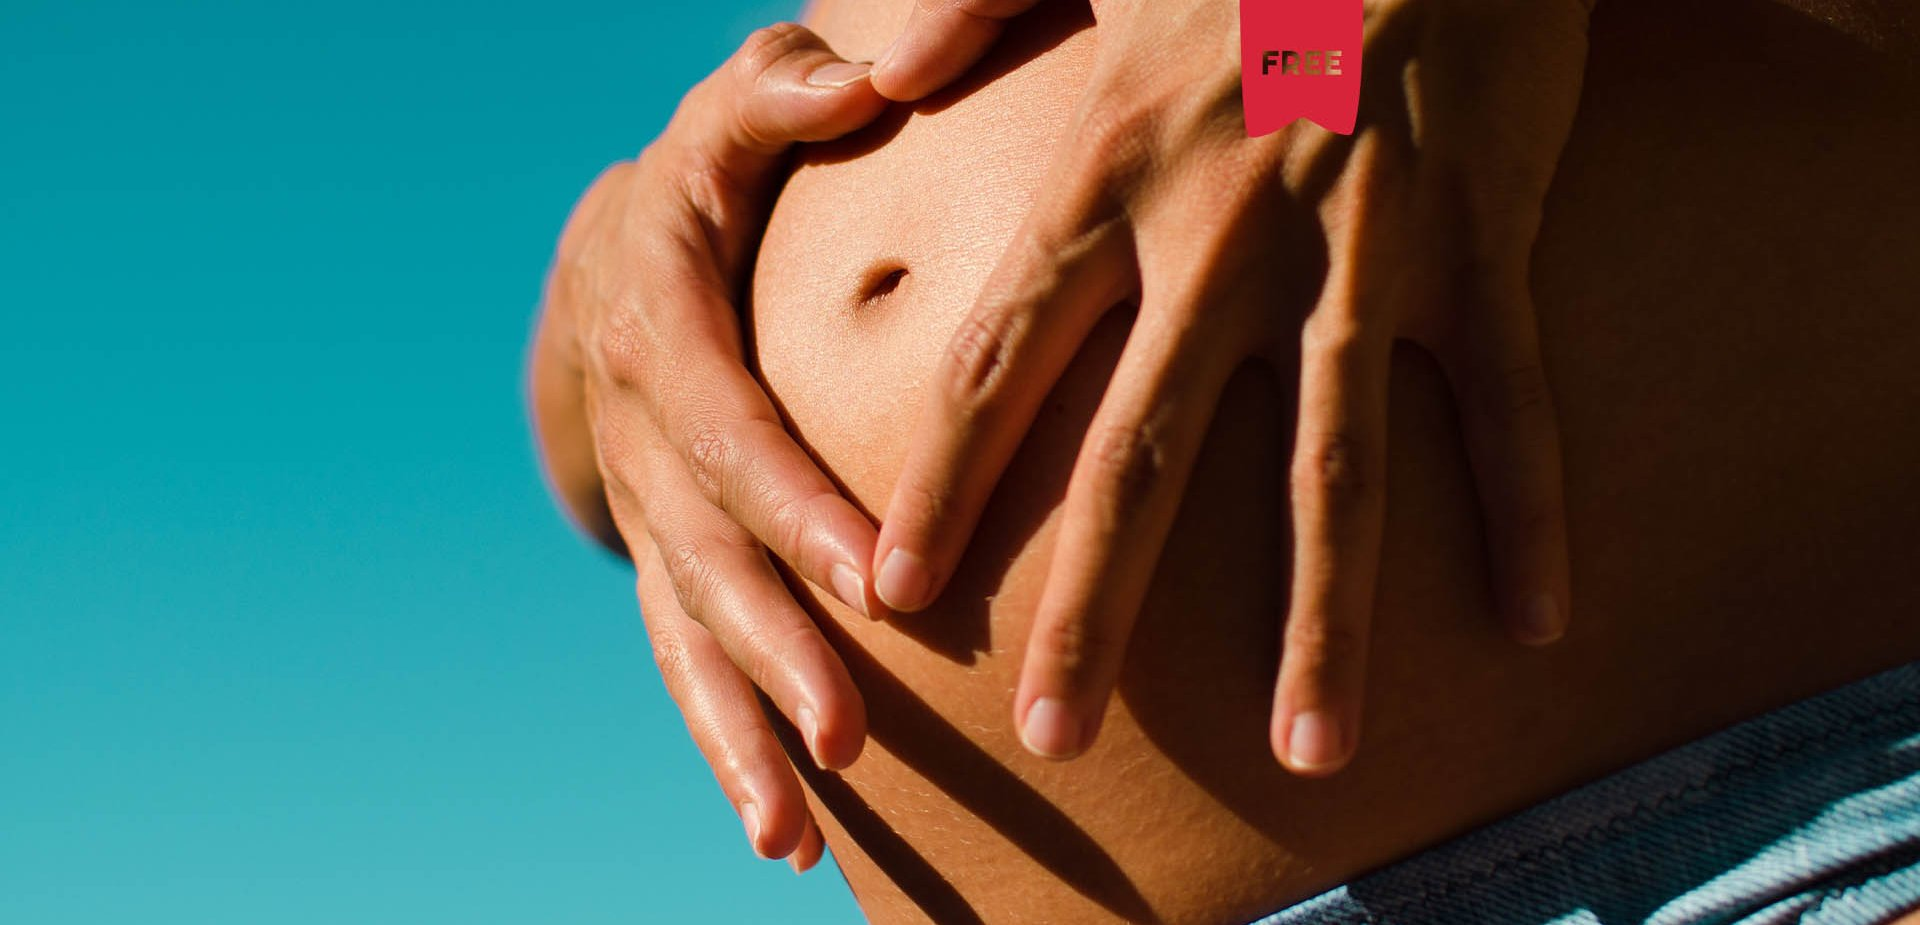 Períneo e parto – uma amizade possível?   Por Diana Lopes (Bwizer Magazine)